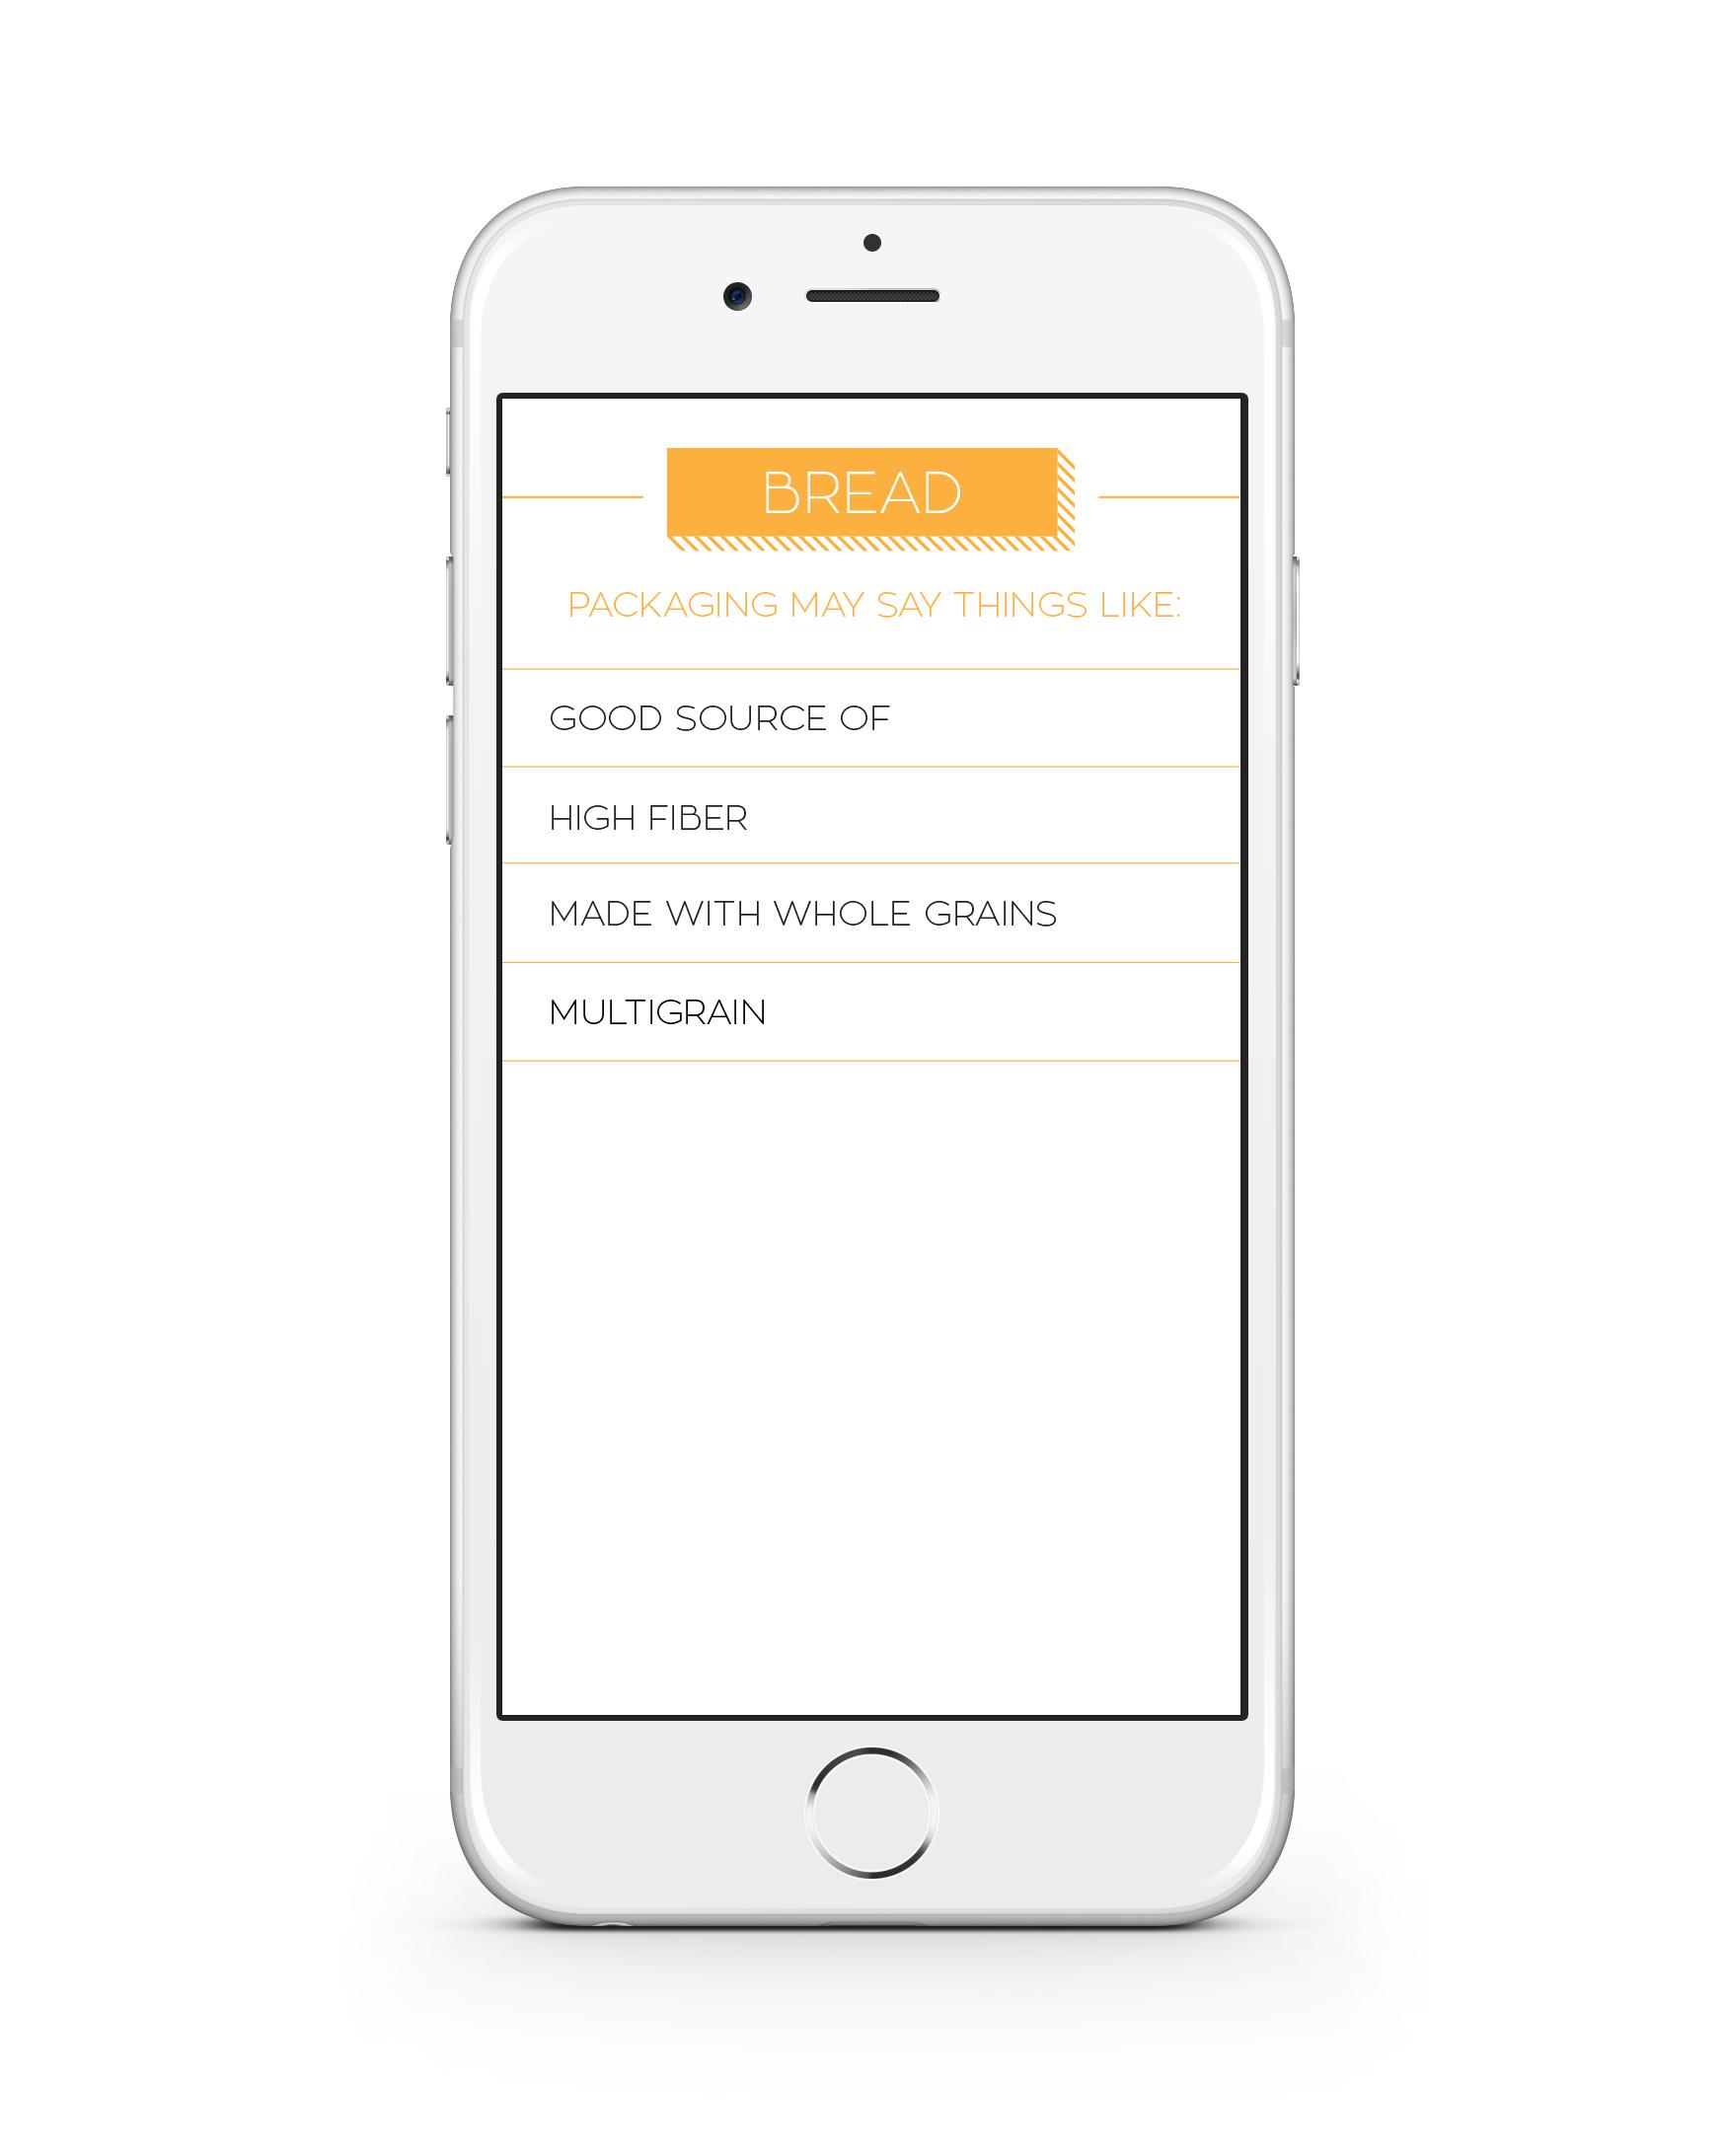 app-5.0.jpg